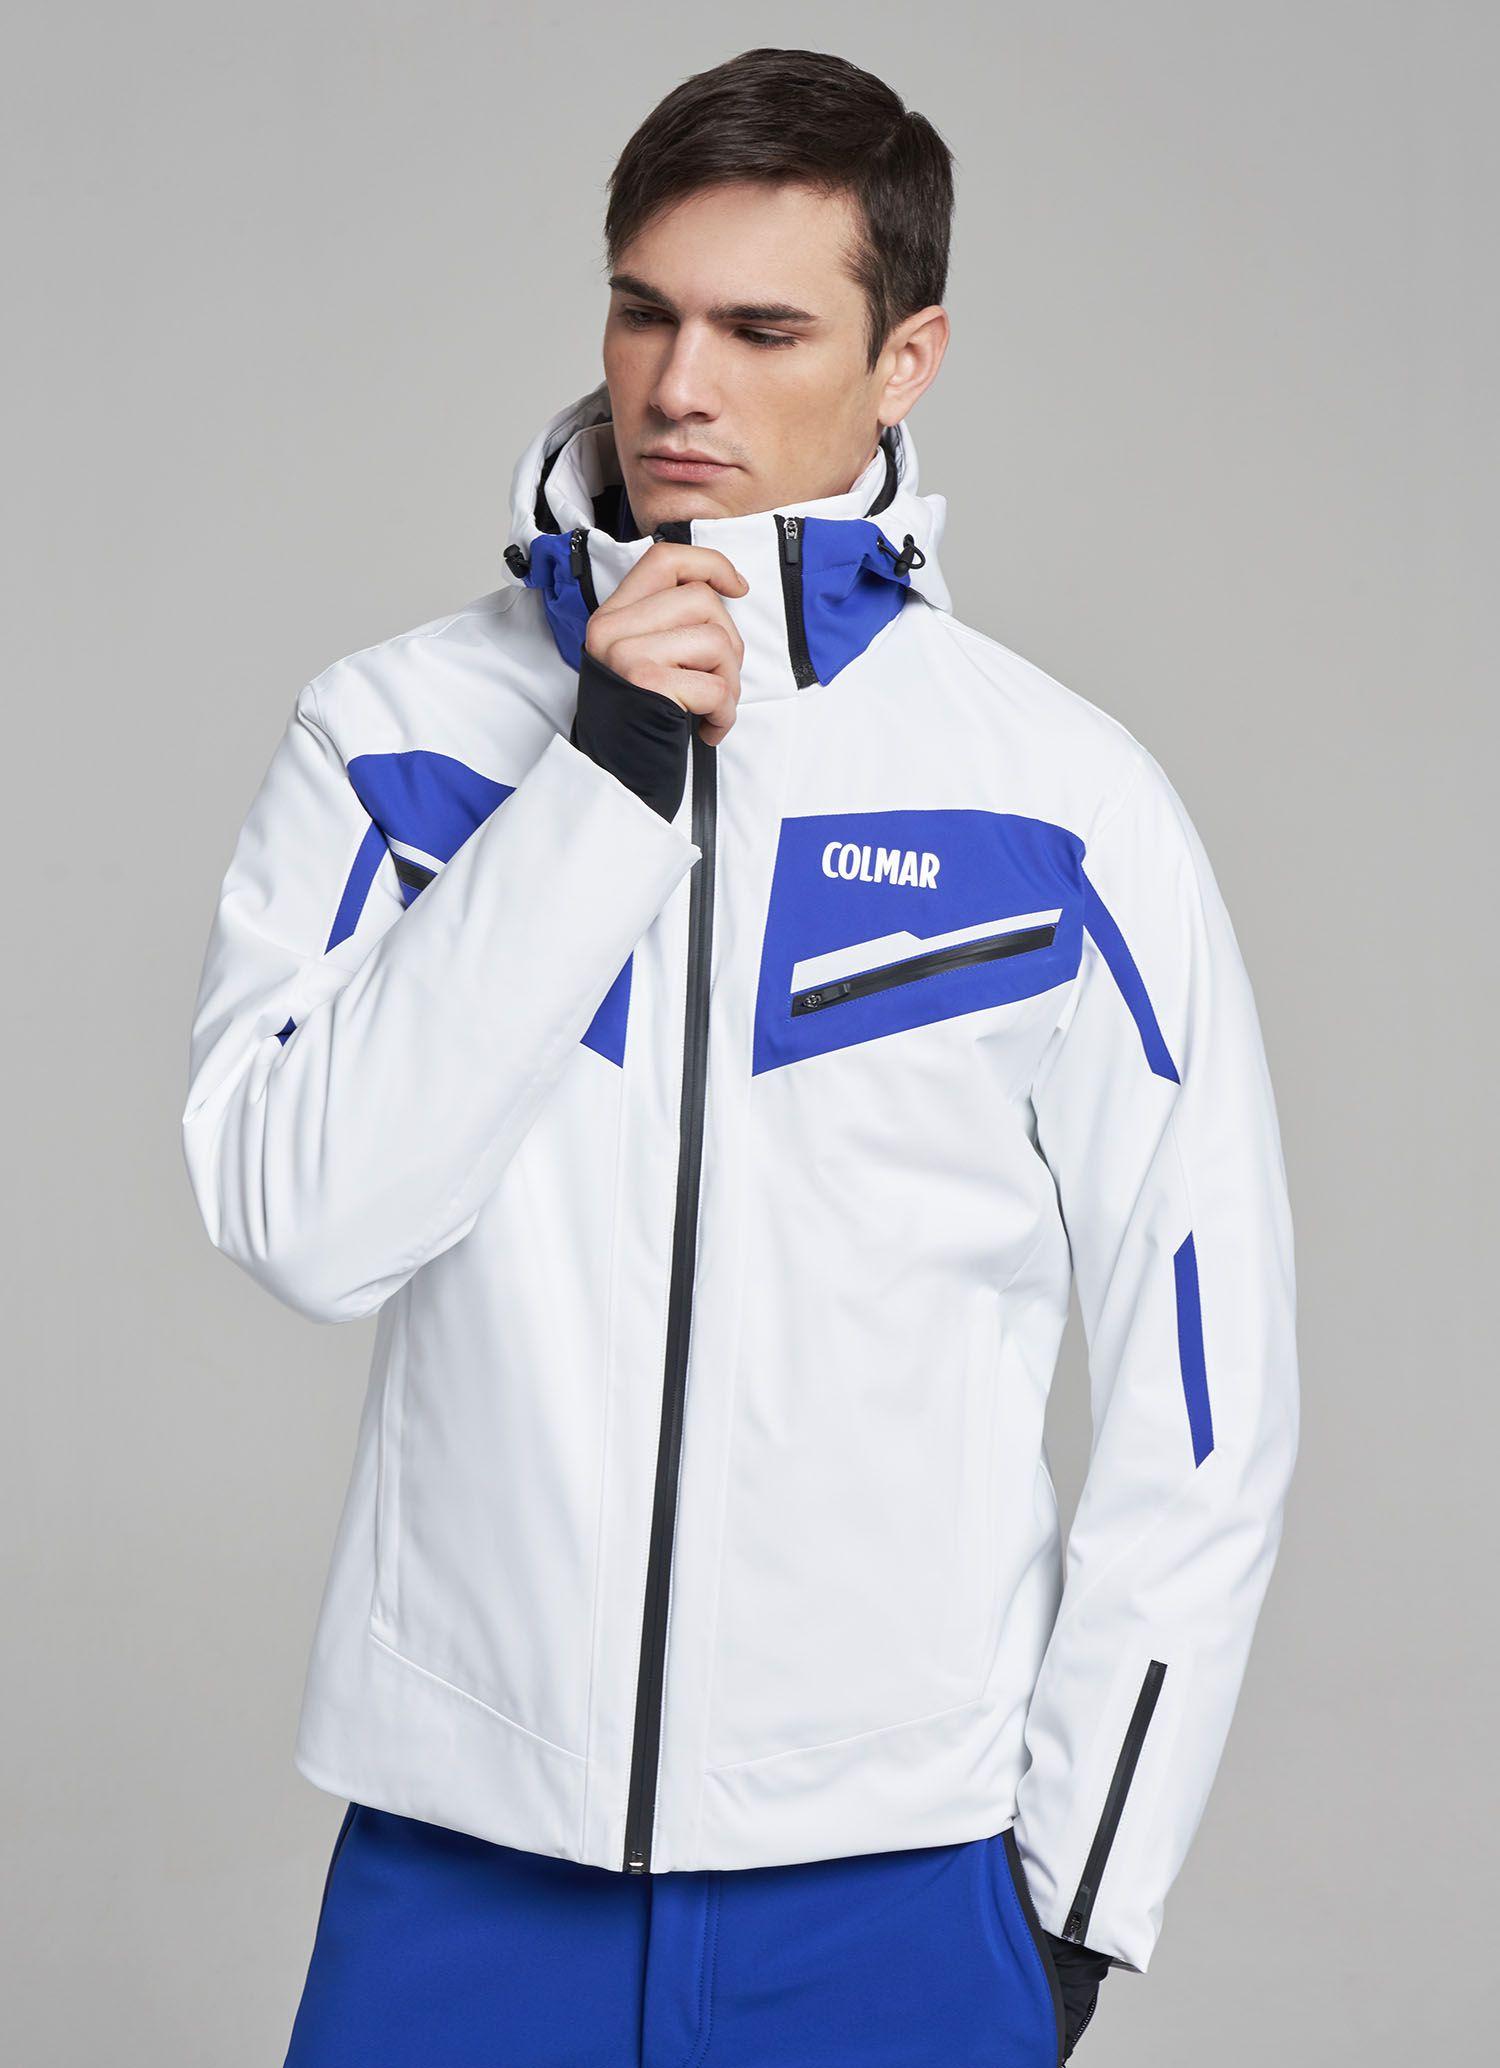 Colmar Golden Eagle Mens Ski Jacket in WhiteElectric Blue